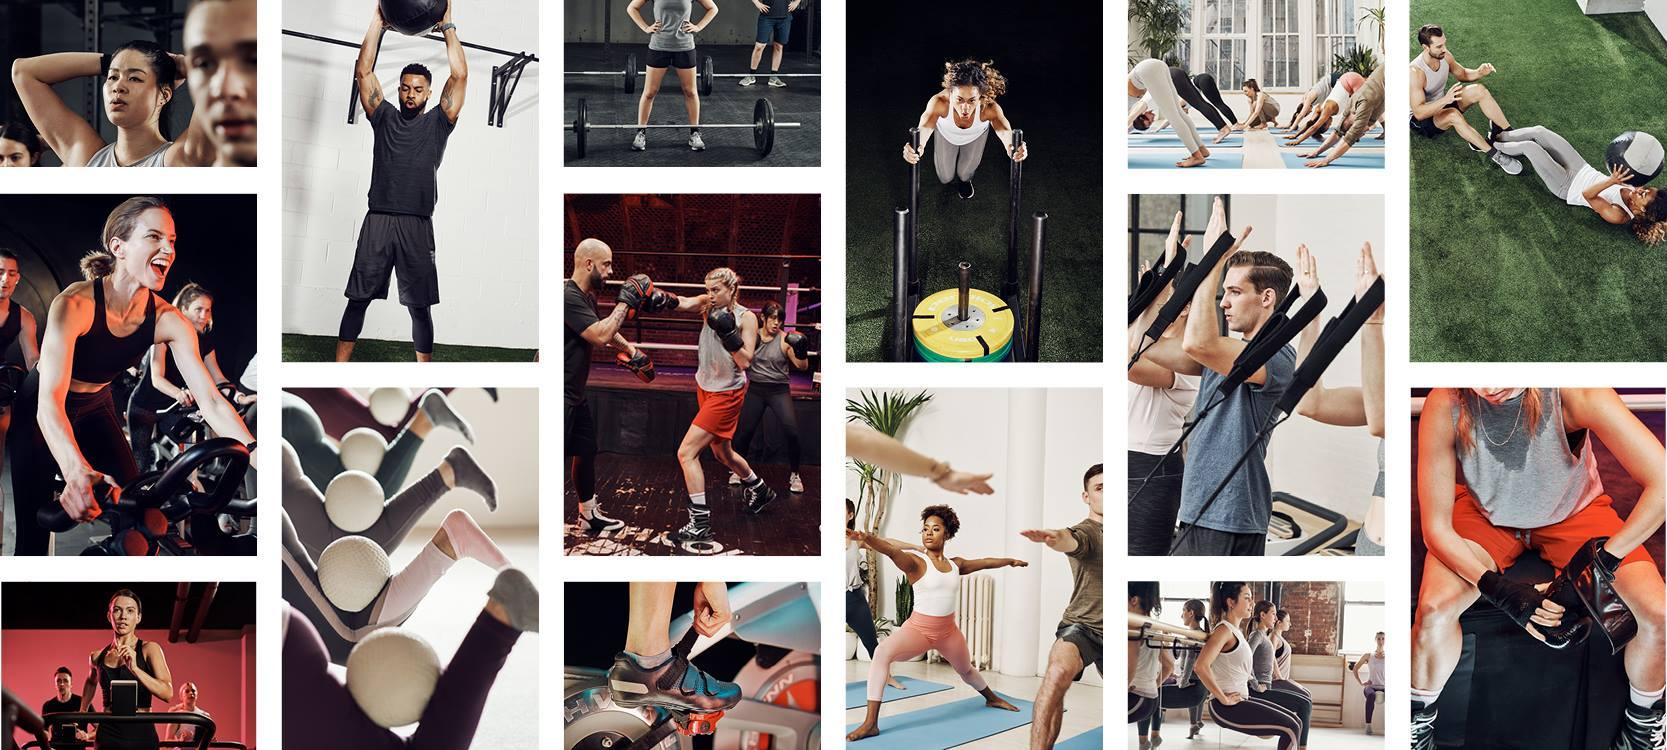 又一健身独角兽,美国健身订阅平台 ClassPass 完成 2.85 亿美元 E 轮融资